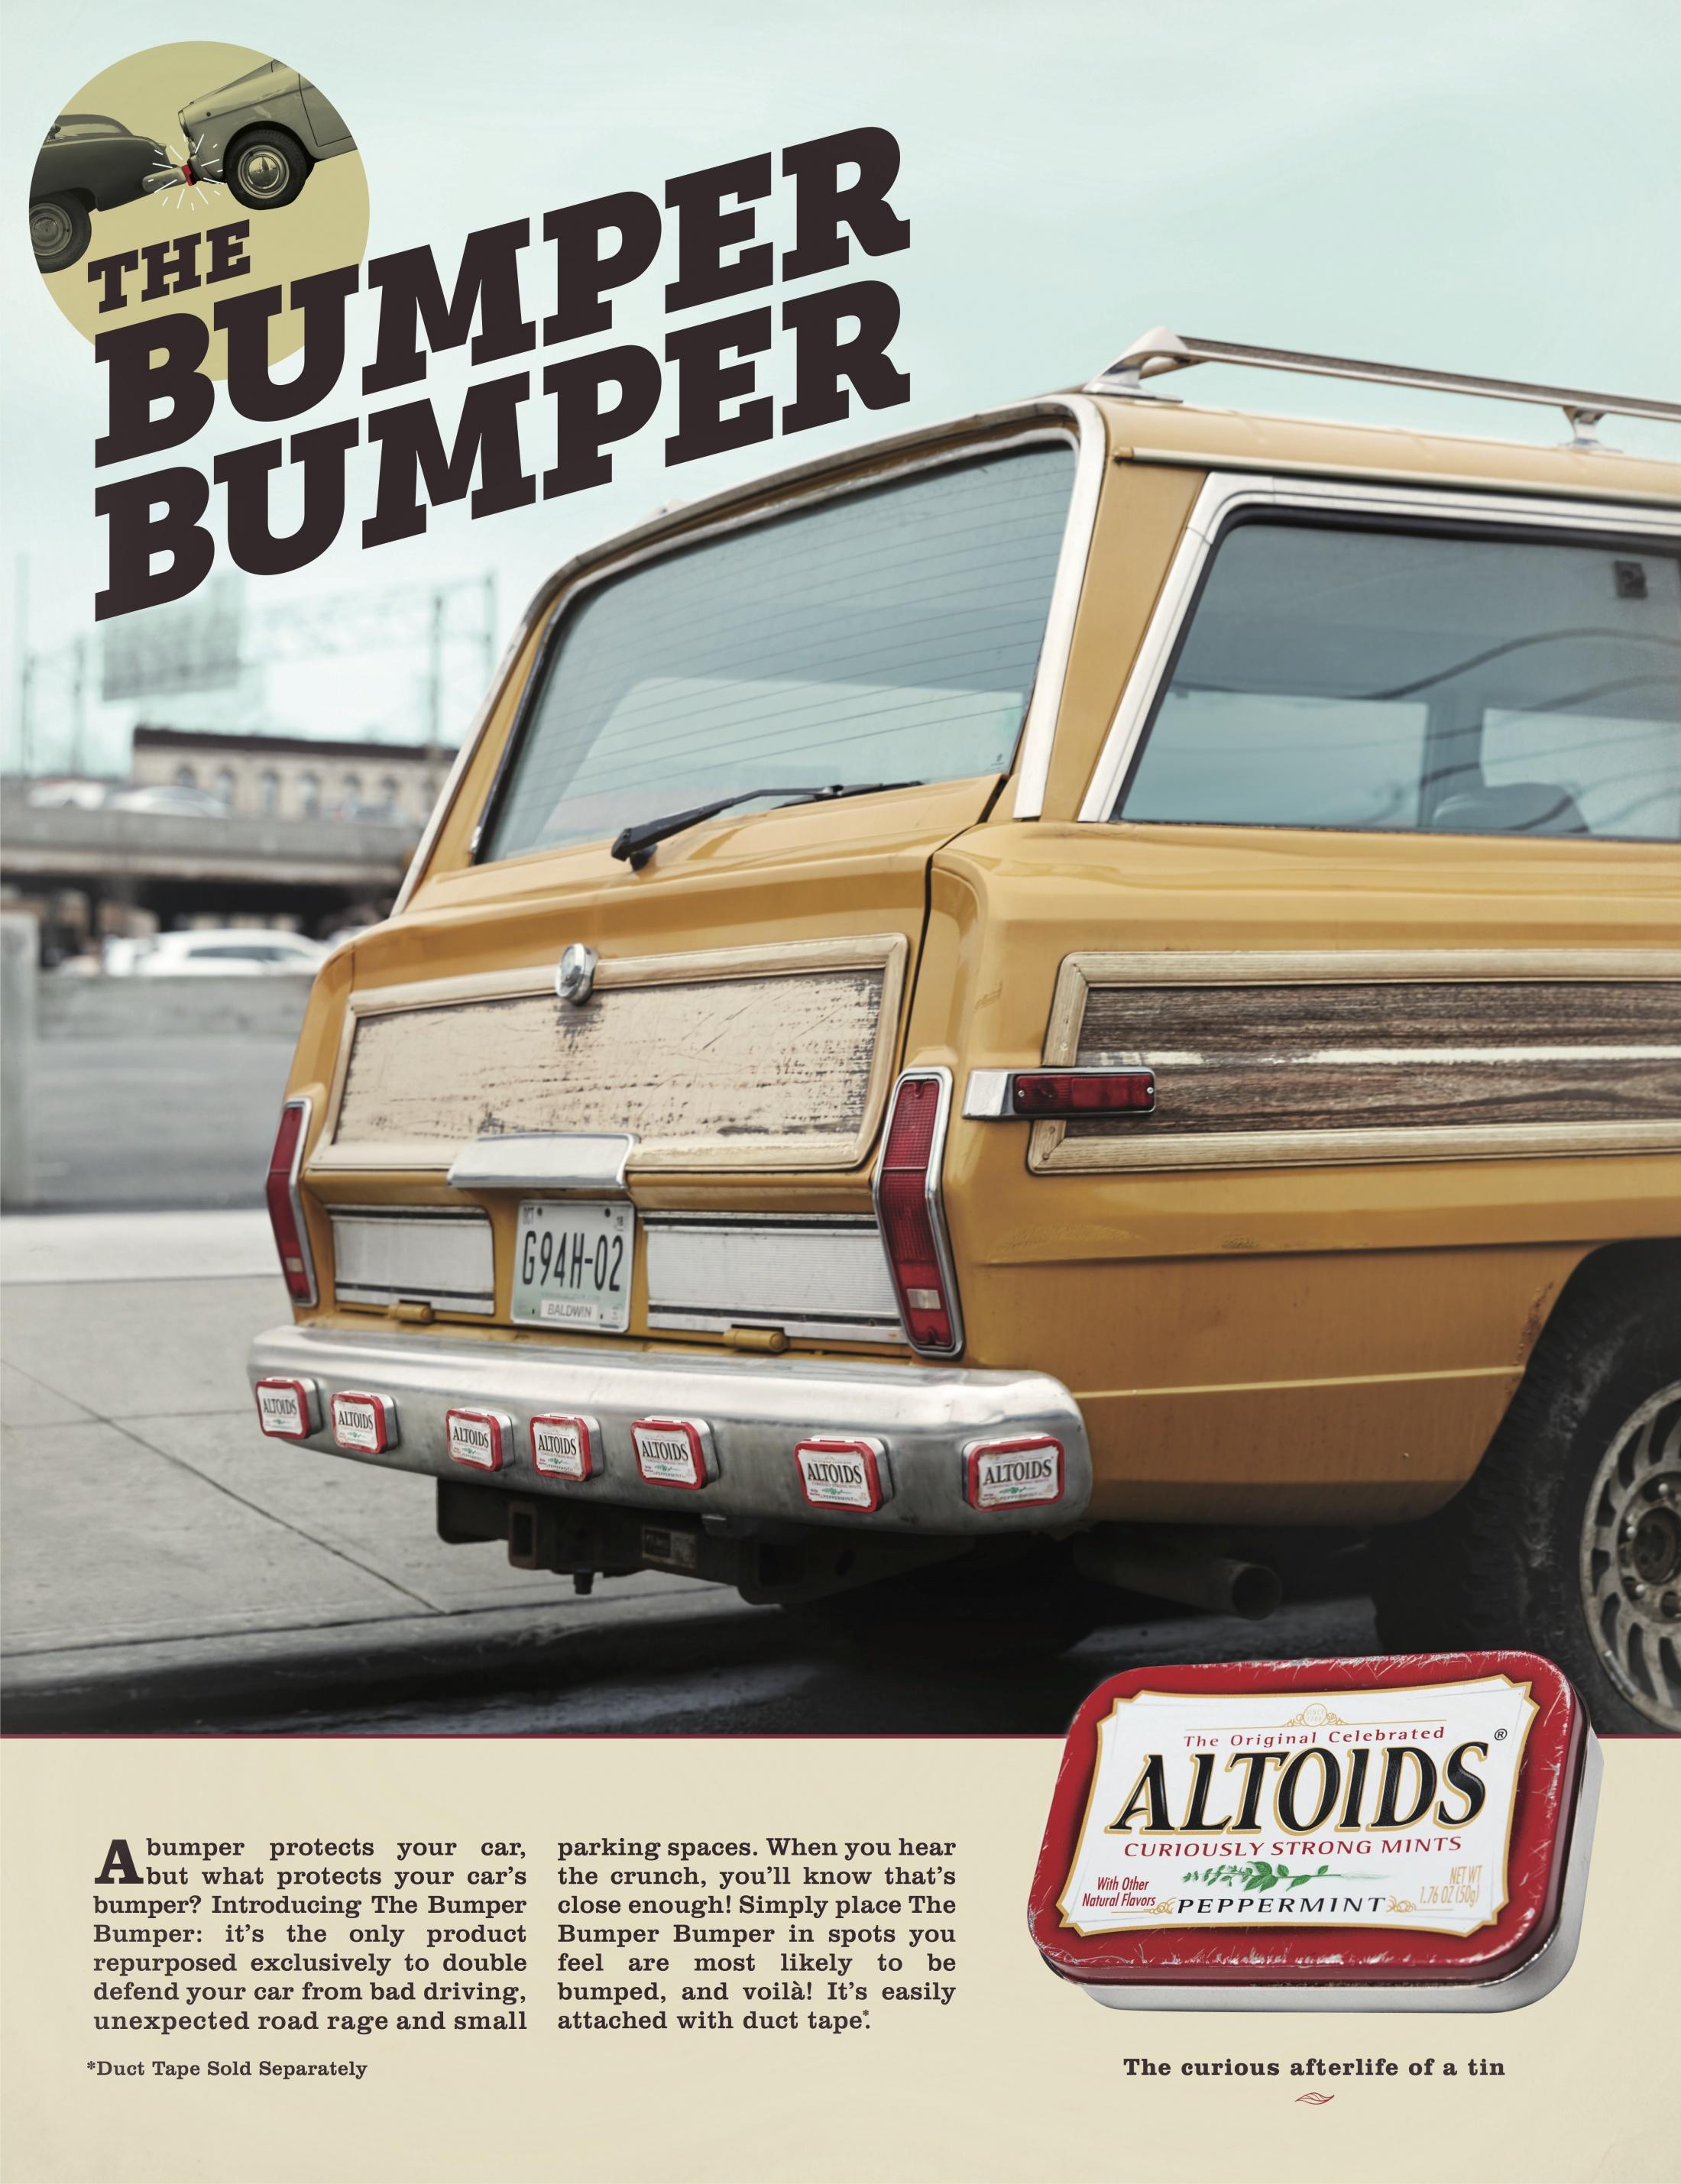 Thumbnail for Bumper, Bumper